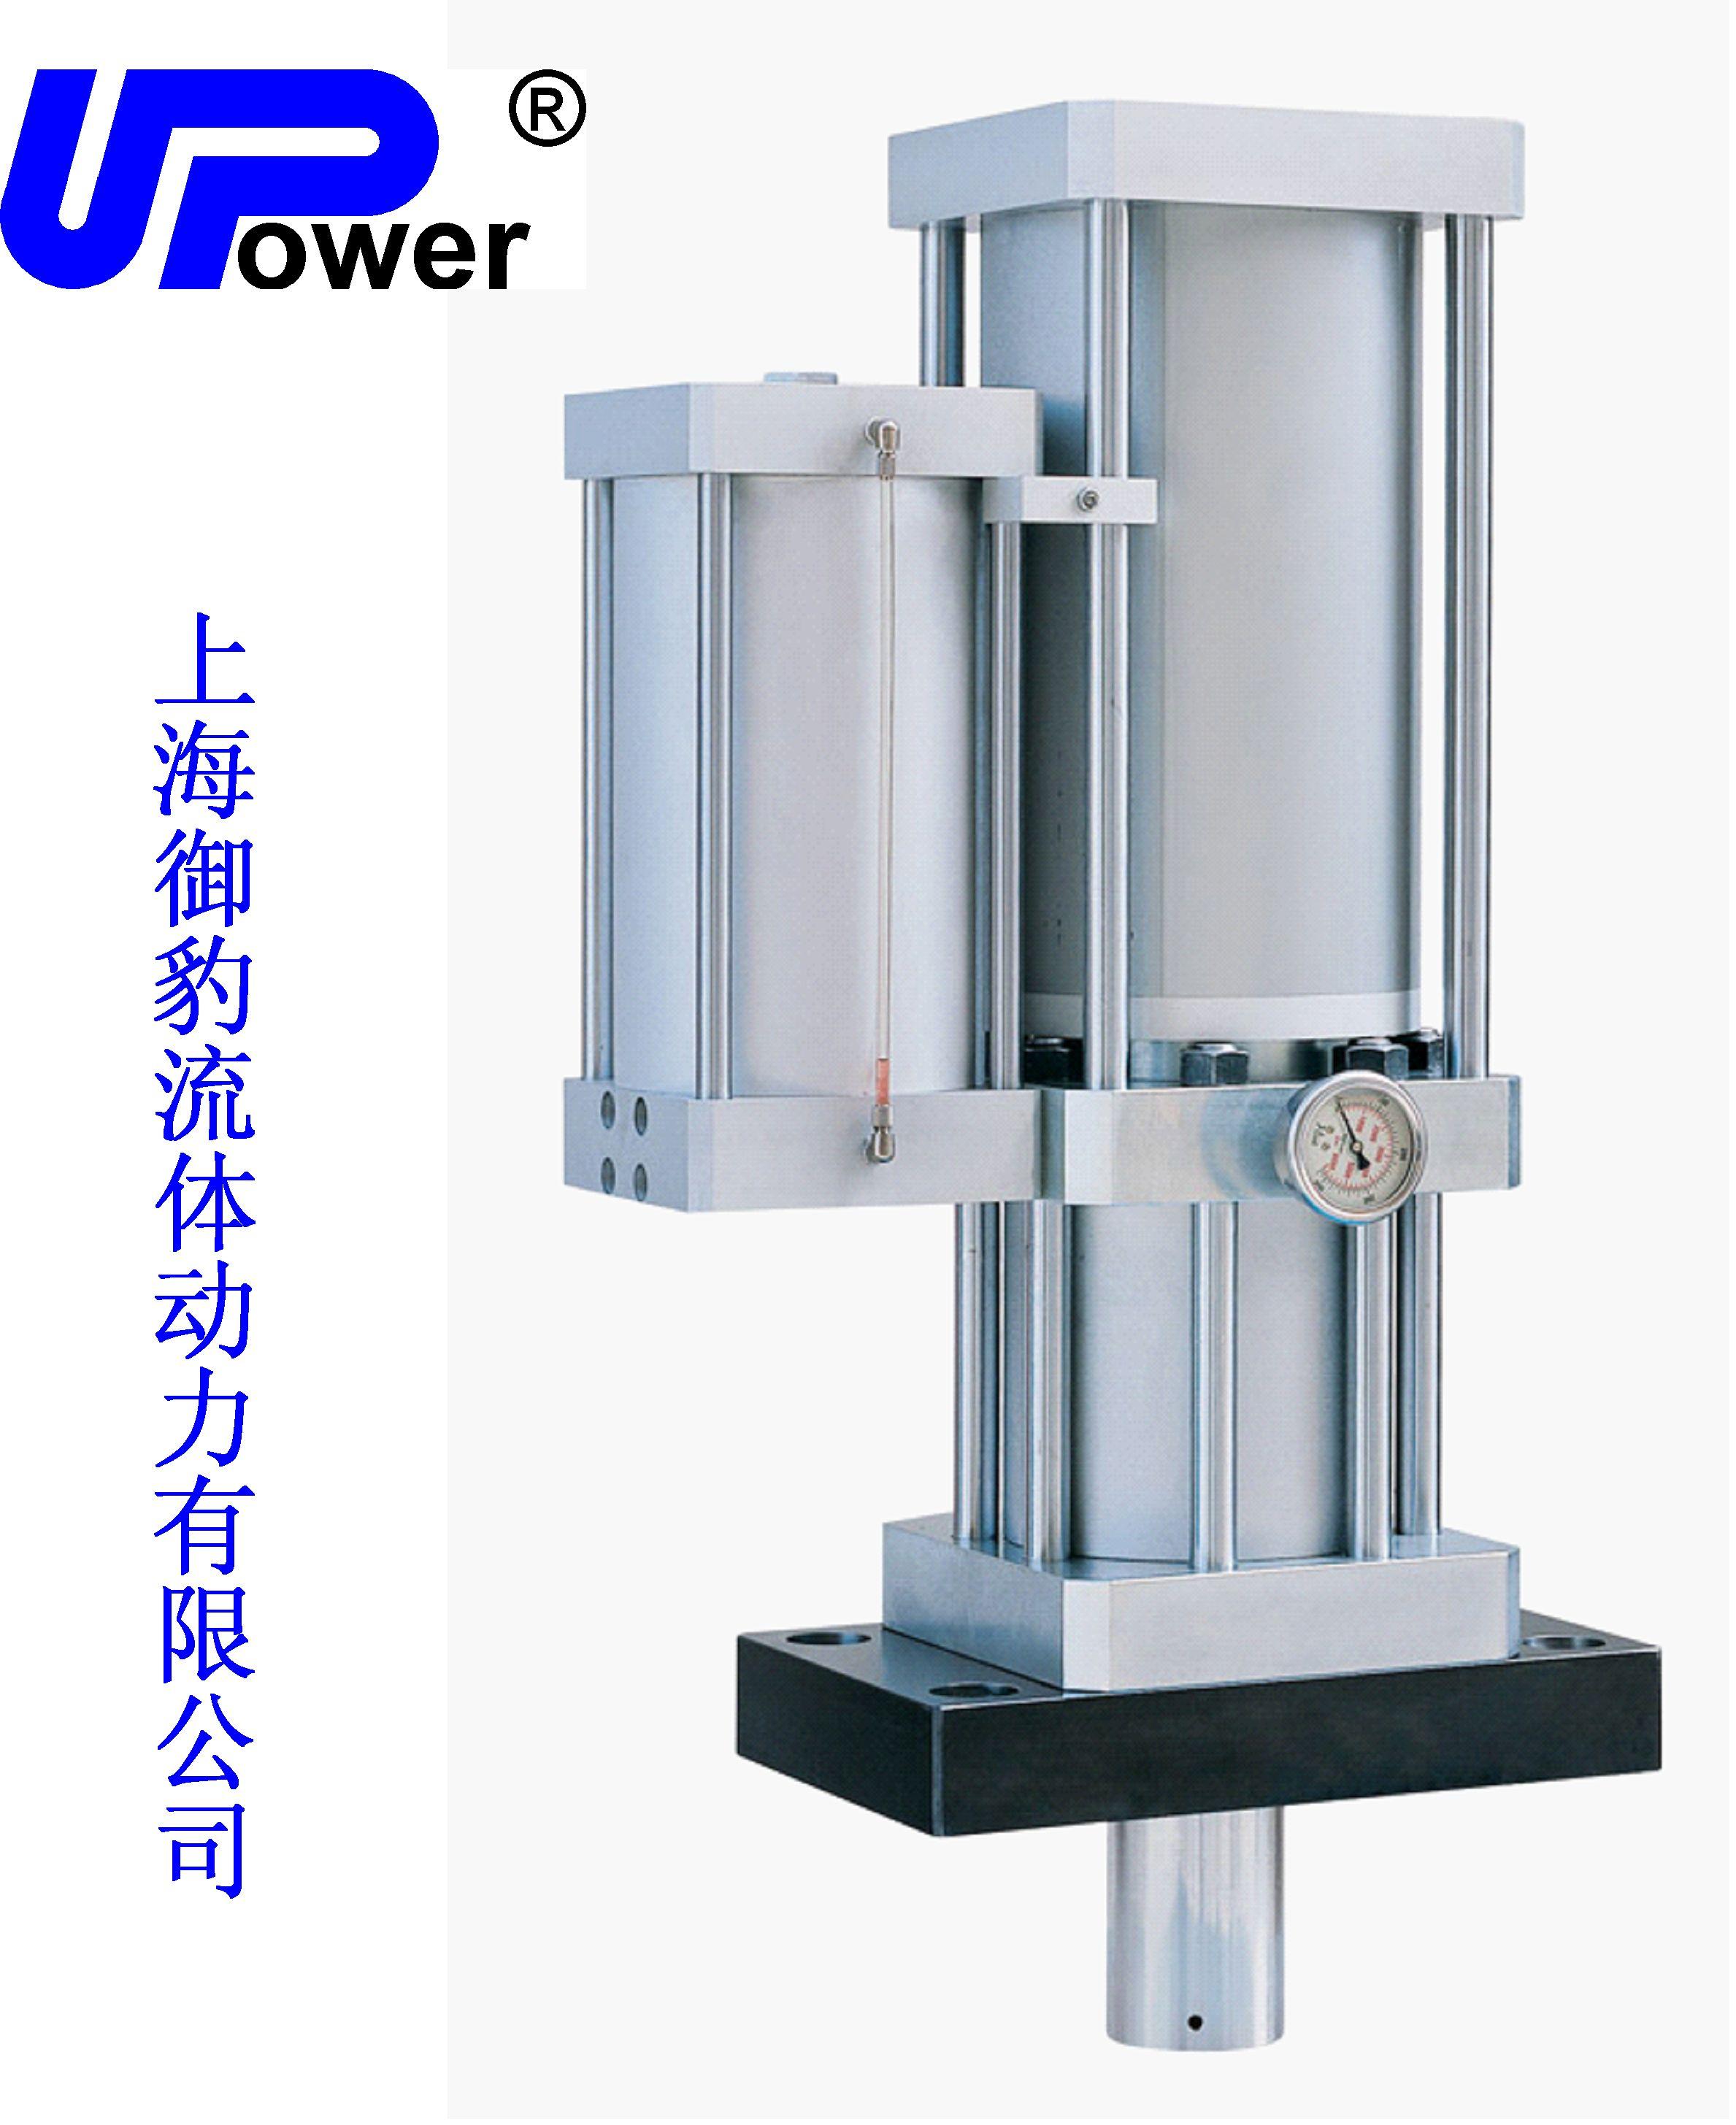 接压力继电器以设置不受压缩空气影响的增压力